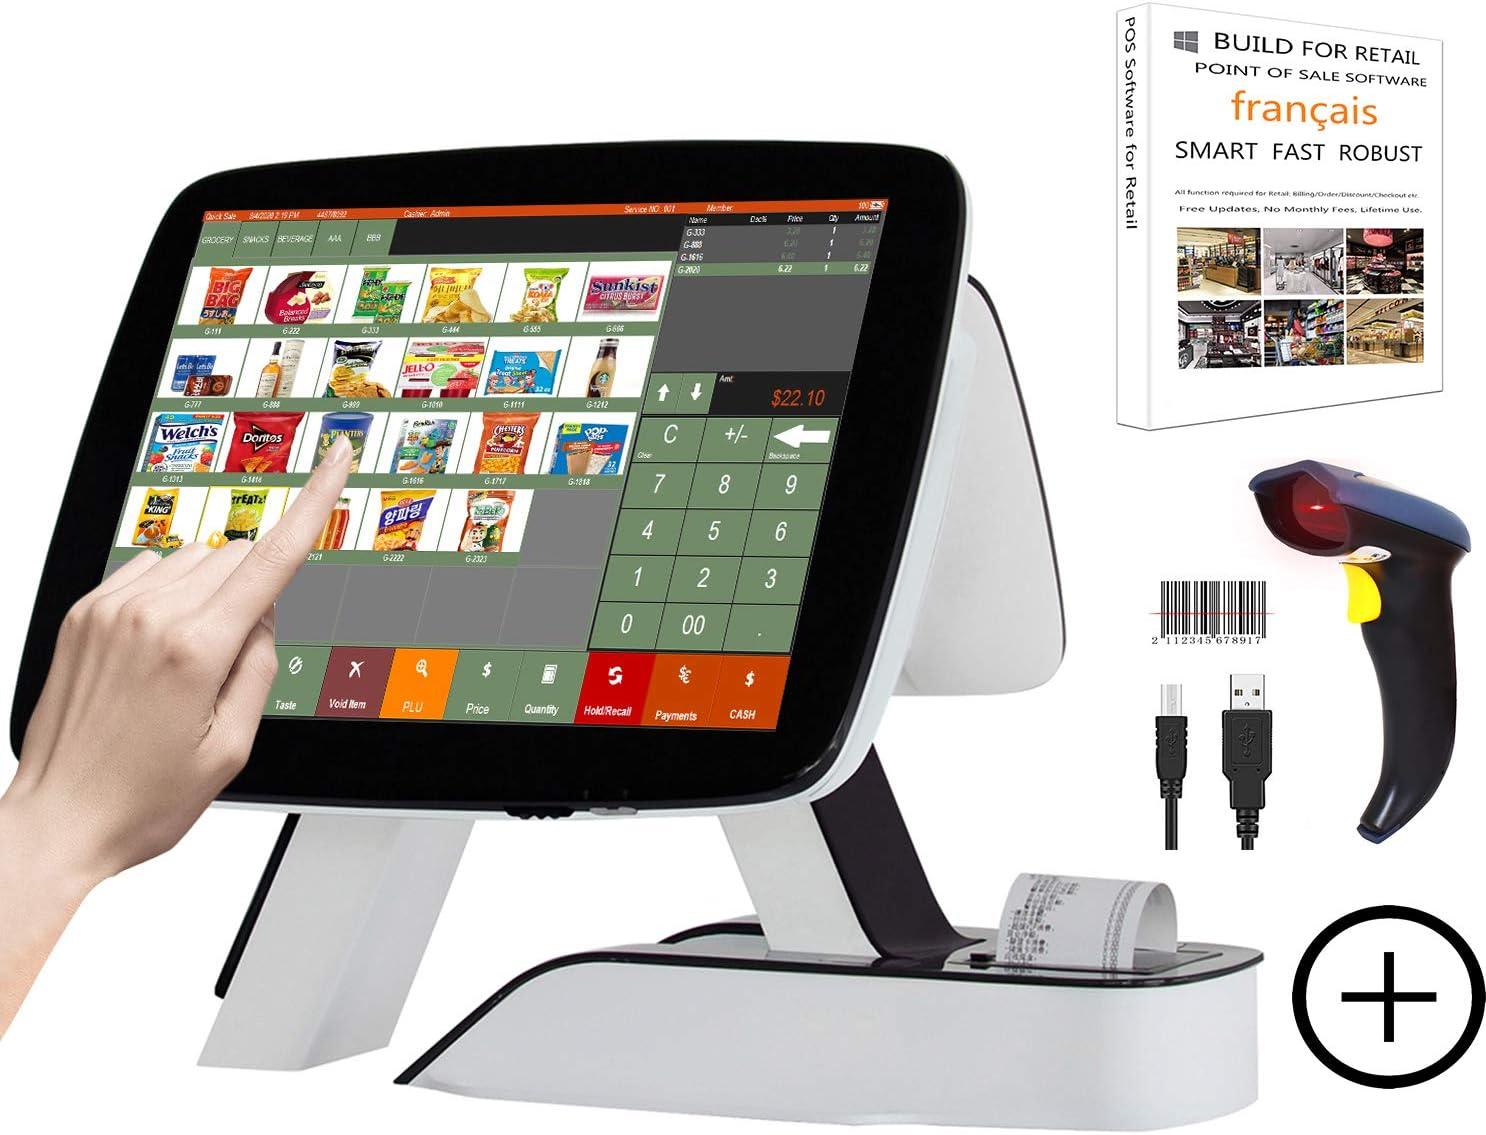 ZHONGJI Todo en un punto de venta, sistema de caja grabadora doble pantalla ordenador, para la venta al por menor de restaurantes de negocios, color MS900 caisse enregistreuse: Amazon.es: Oficina y papelería